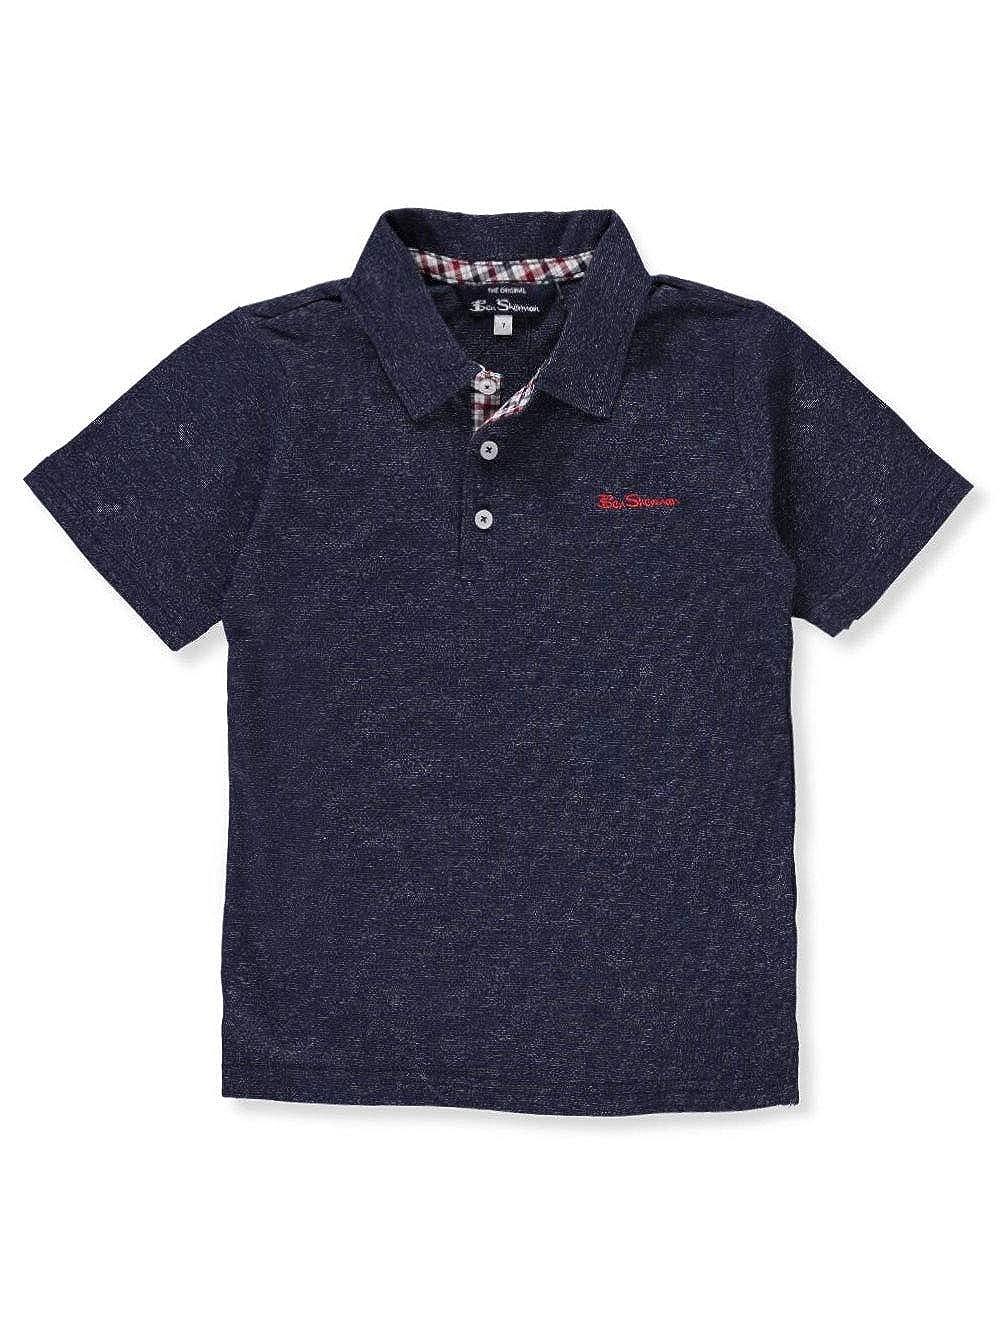 Ben Sherman Boys' S/S Knit Polo